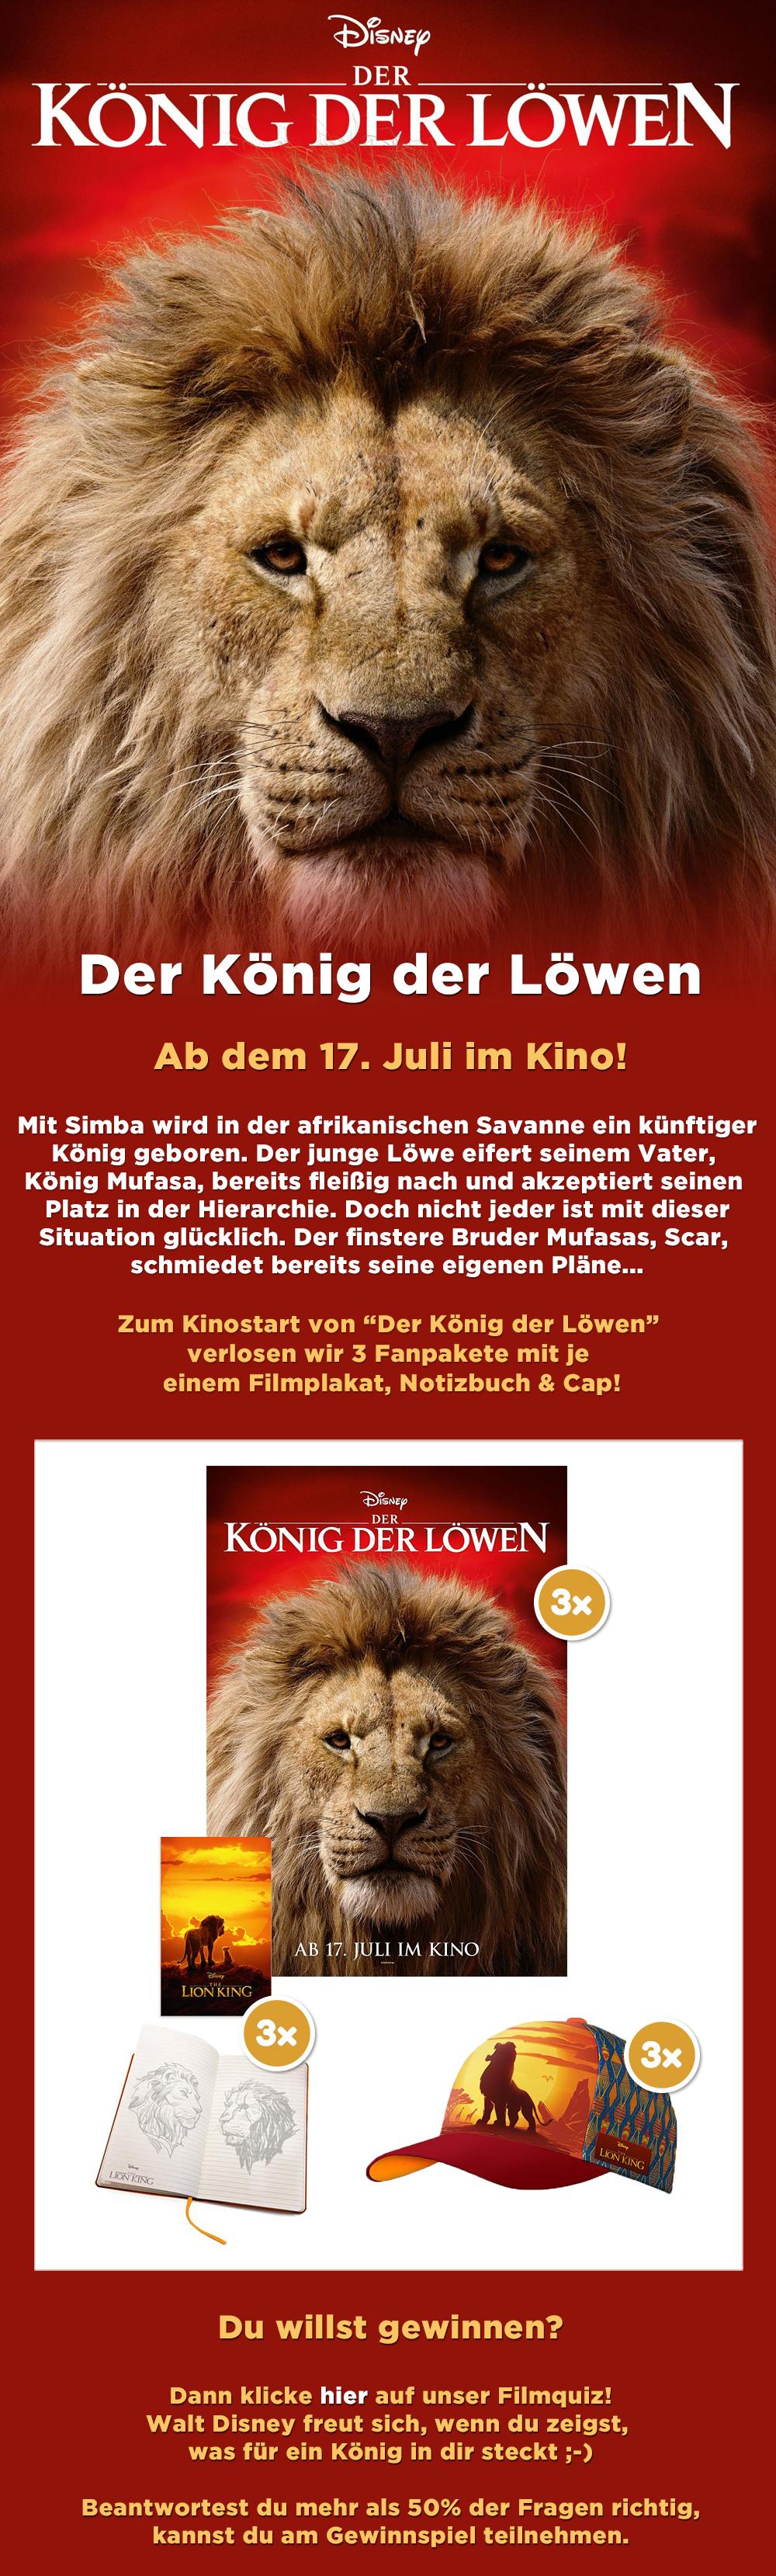 """Bild 1:Sei ein Sieger im """"Der König der Löwen""""-Gewinnspiel!"""